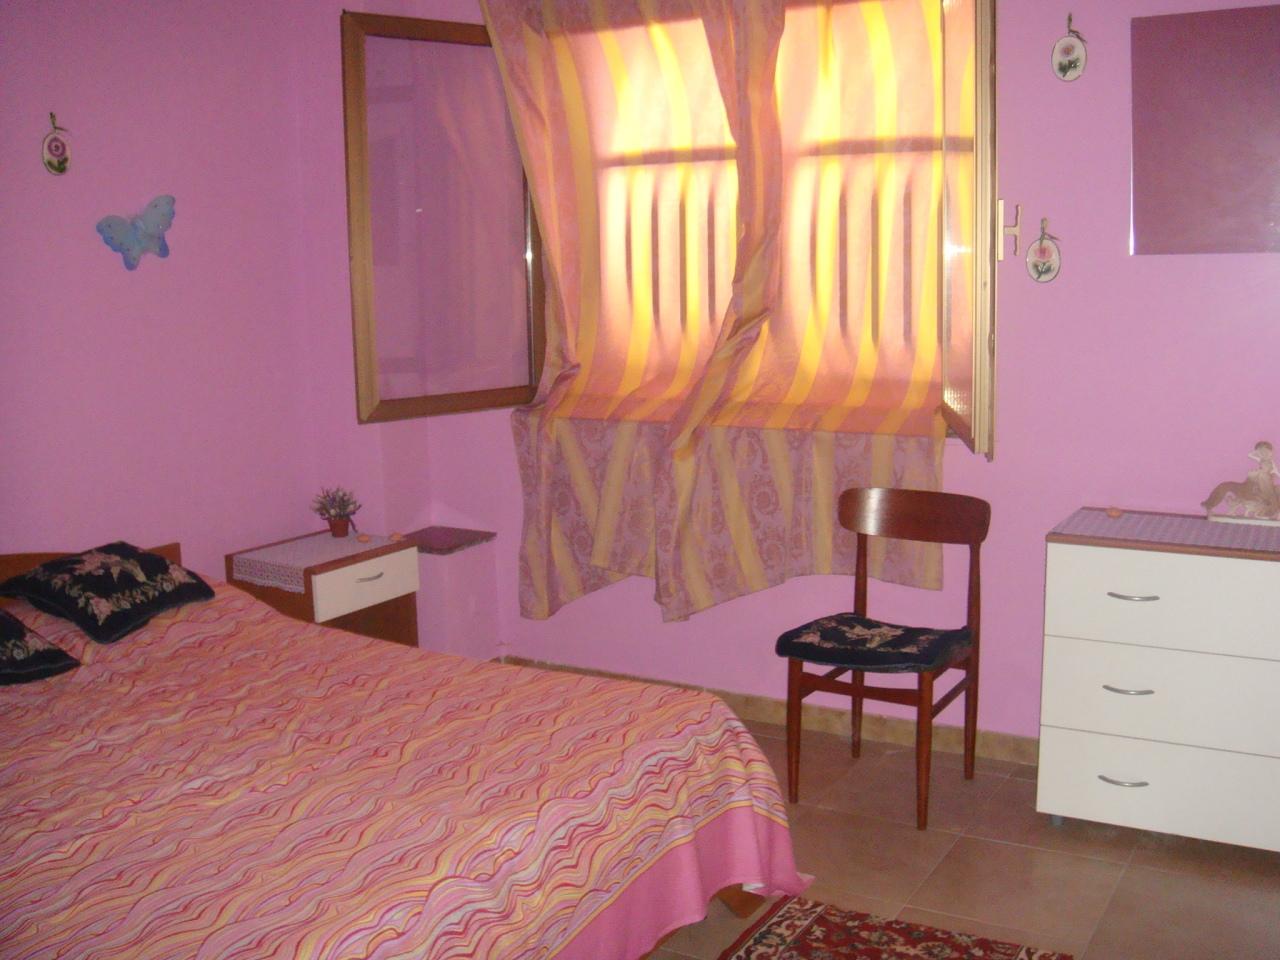 Appartamento in vendita a Reggio Calabria, 1 locali, prezzo € 35.000 | CambioCasa.it